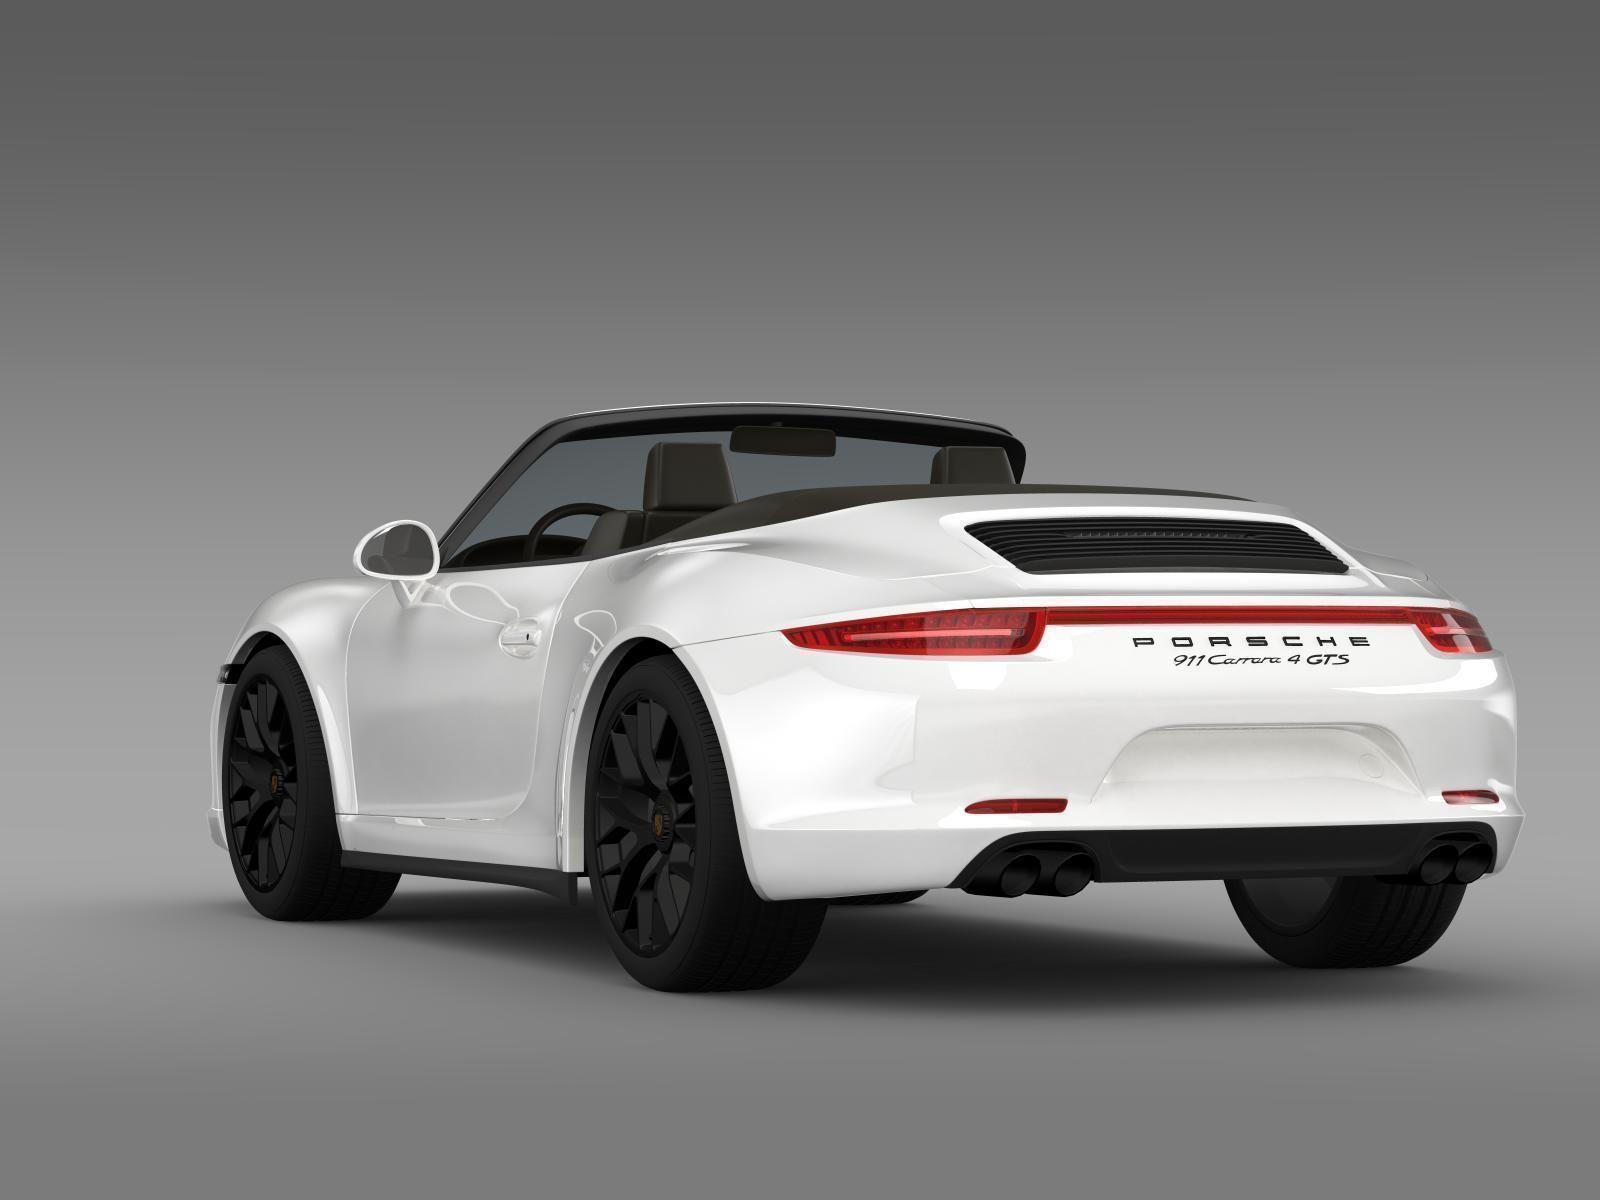 Porsche 911 Carrera 4 Gts Cabriolet 991 2015 3d Model Max Obj 3ds Fbx C4d Lwo Lw Lws Cgtrader Com